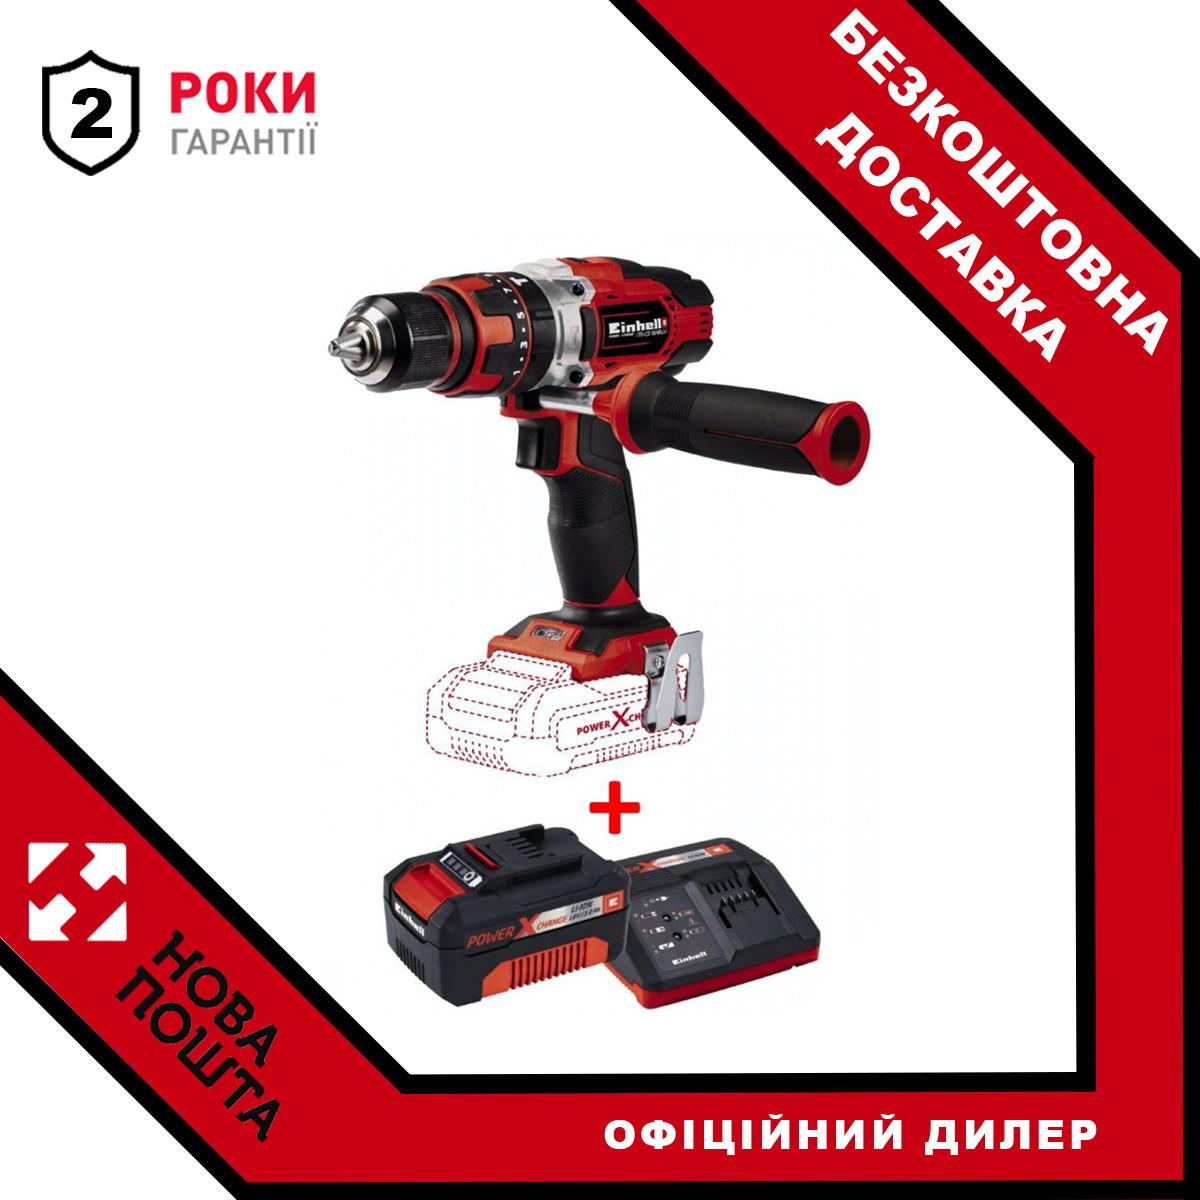 Набір ударний шуруповерт Einhell TE-CD 18/48 Li-i-Solo + зарядний пристрій і акумулятор 18V 3,0 Ah